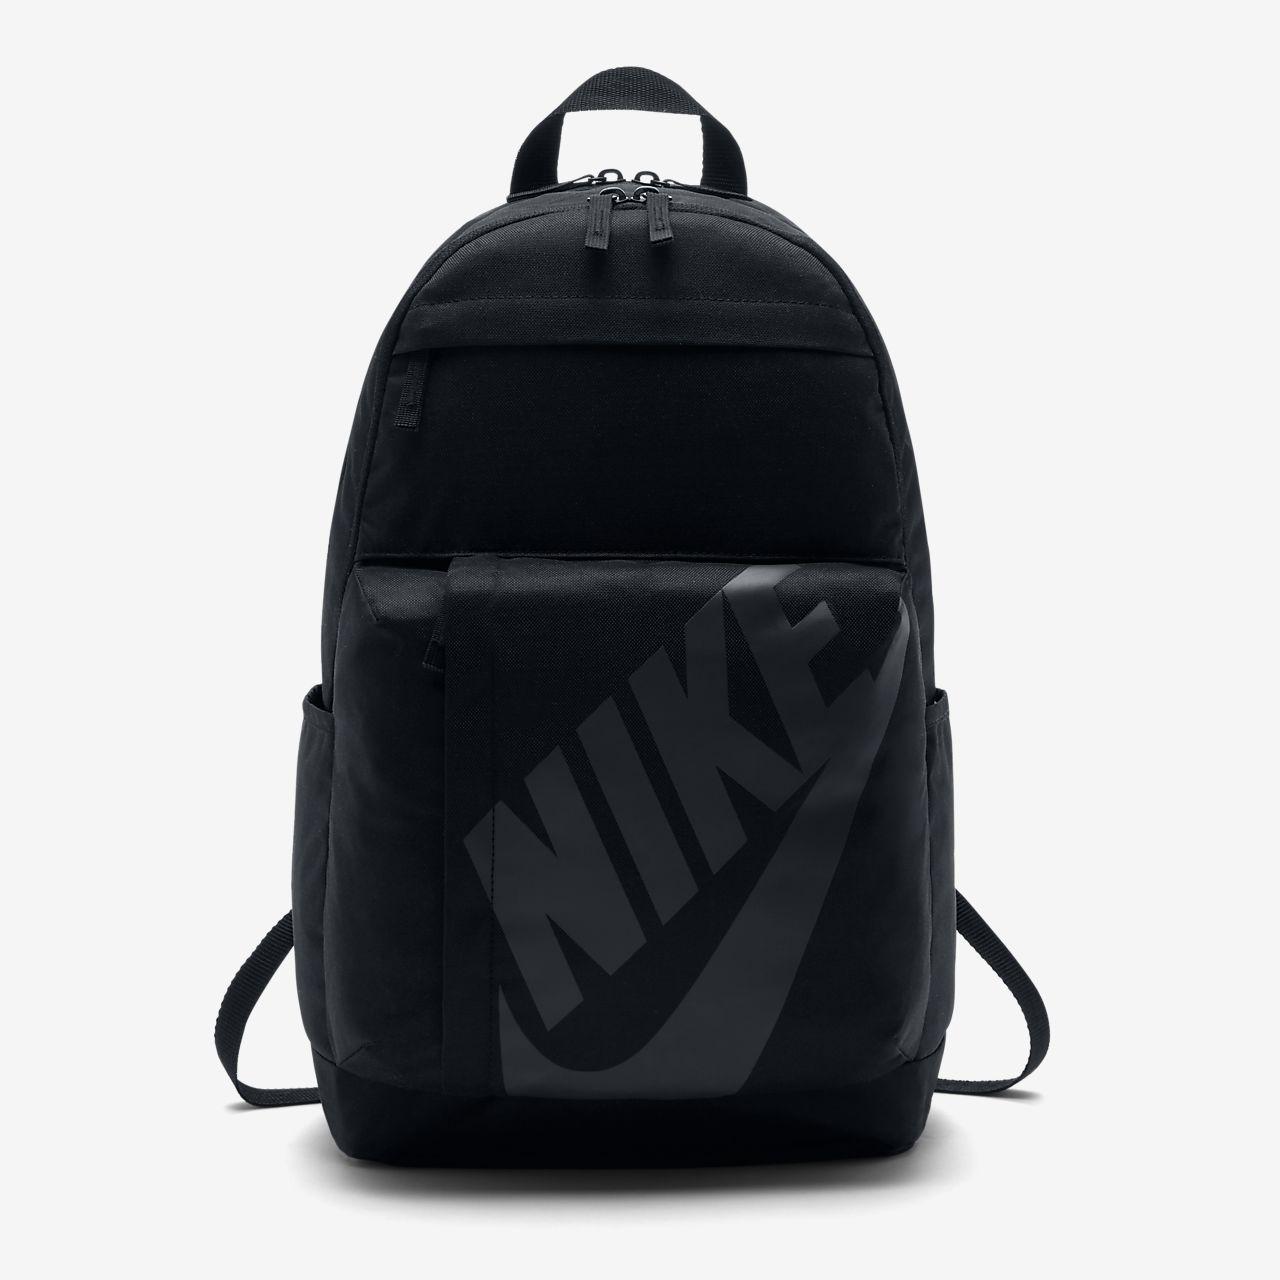 f744f54d8edc8 Nike Sportswear Elemental Backpack. Nike.com BG